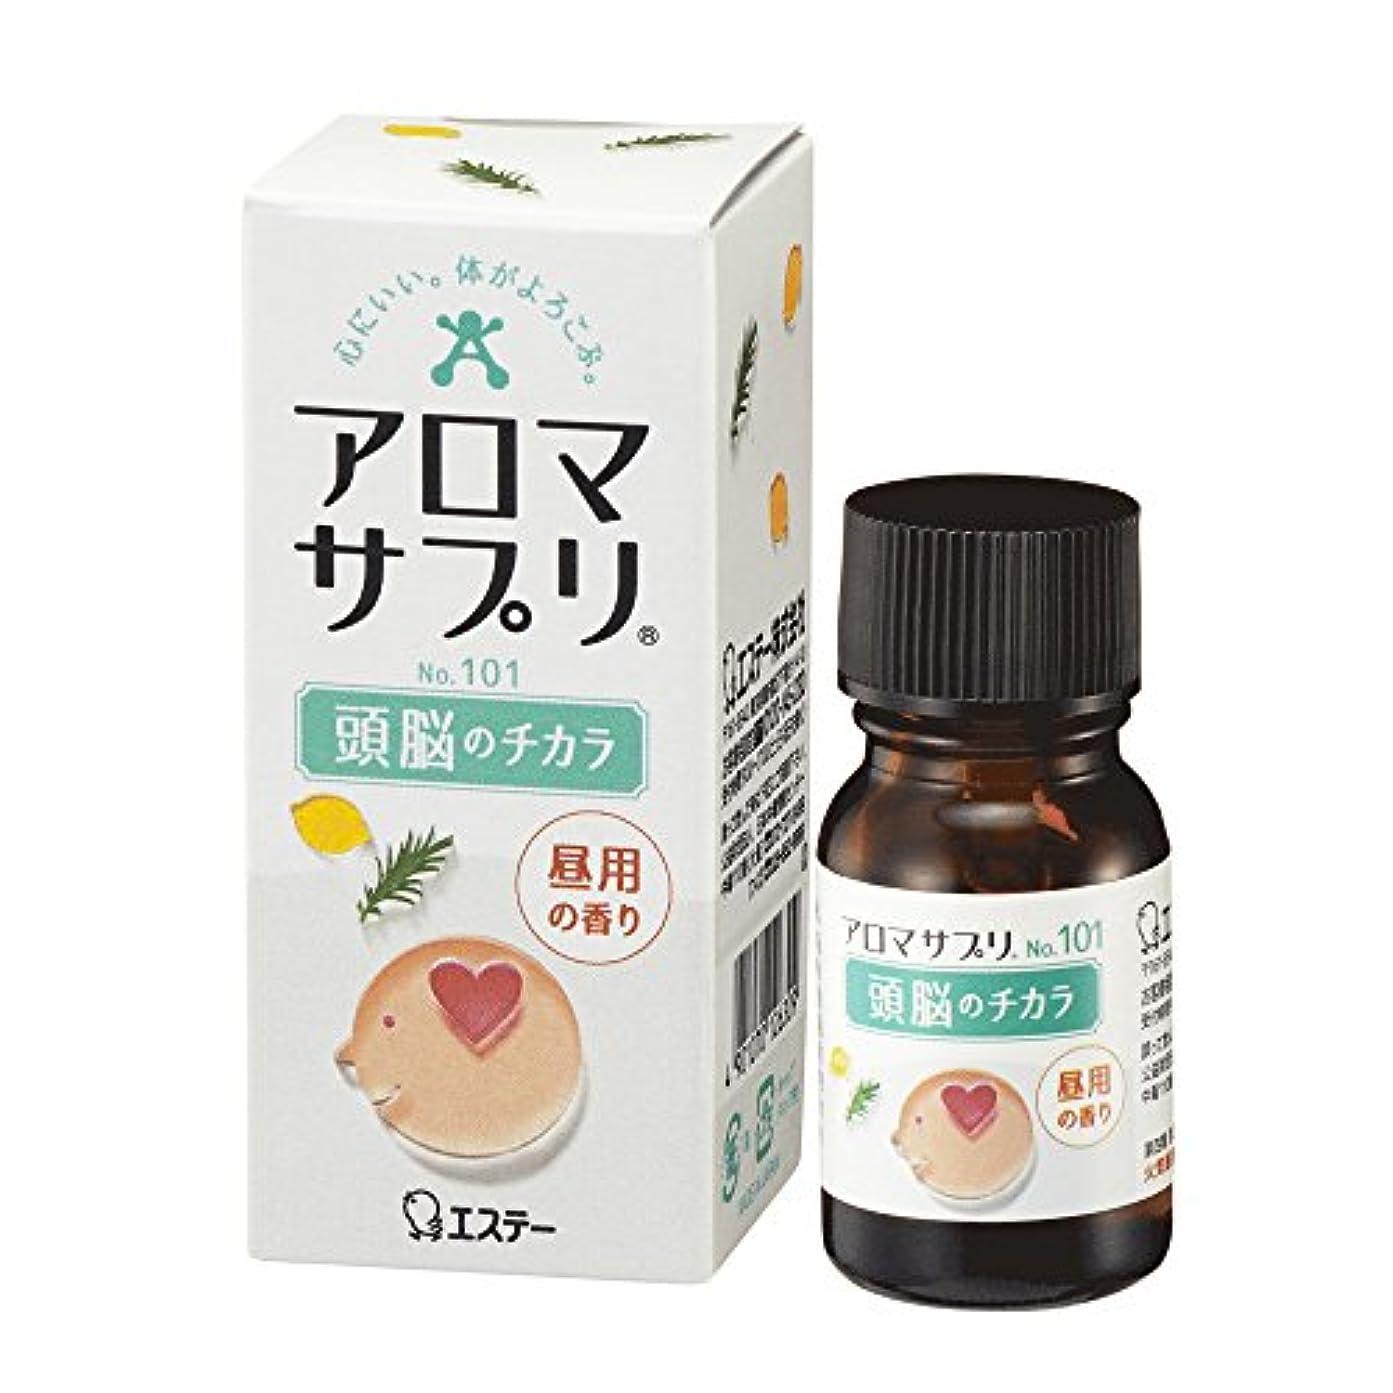 宣言する闇まさにアロマサプリ 100%天然ブレンドアロマ 頭脳のチカラ 昼用の香り ローズマリーカンファー&レモン 10ml (約60回分)